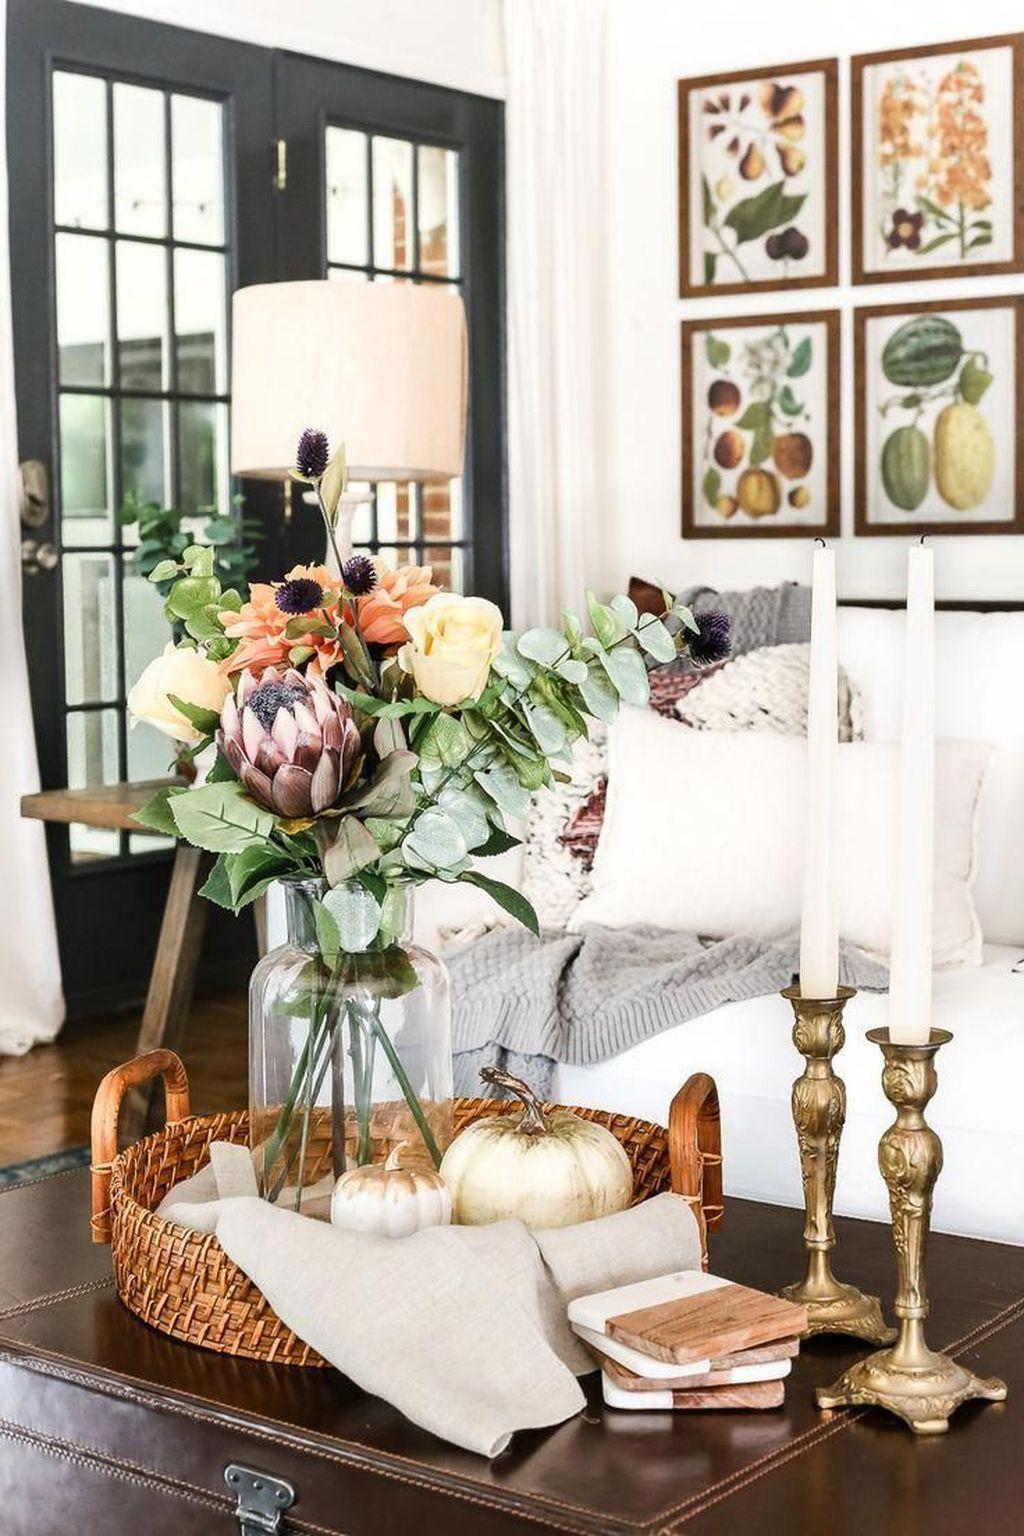 Inspiring Fall Living Room Decor Ideas On A Budget 32